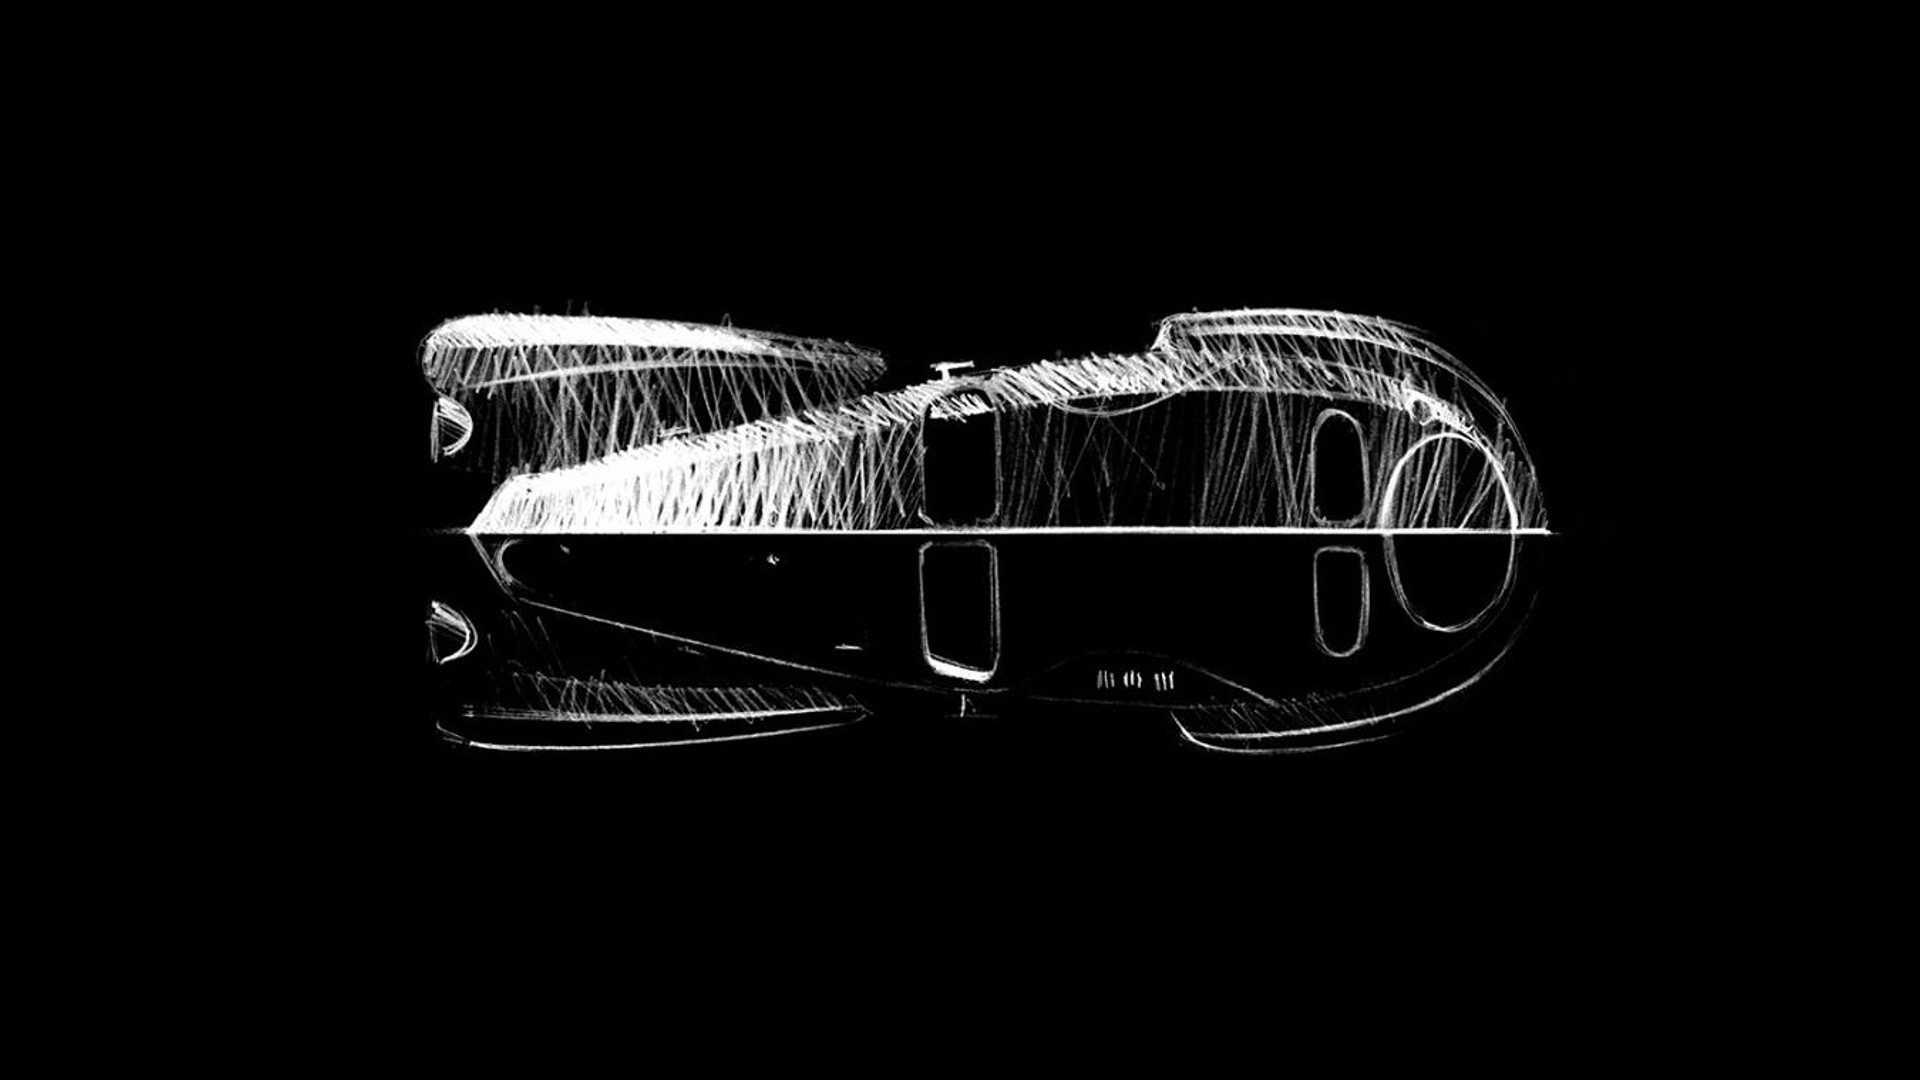 Bugatti u Ženevu stiže s novom iteracijom legendarnog Atlantica!